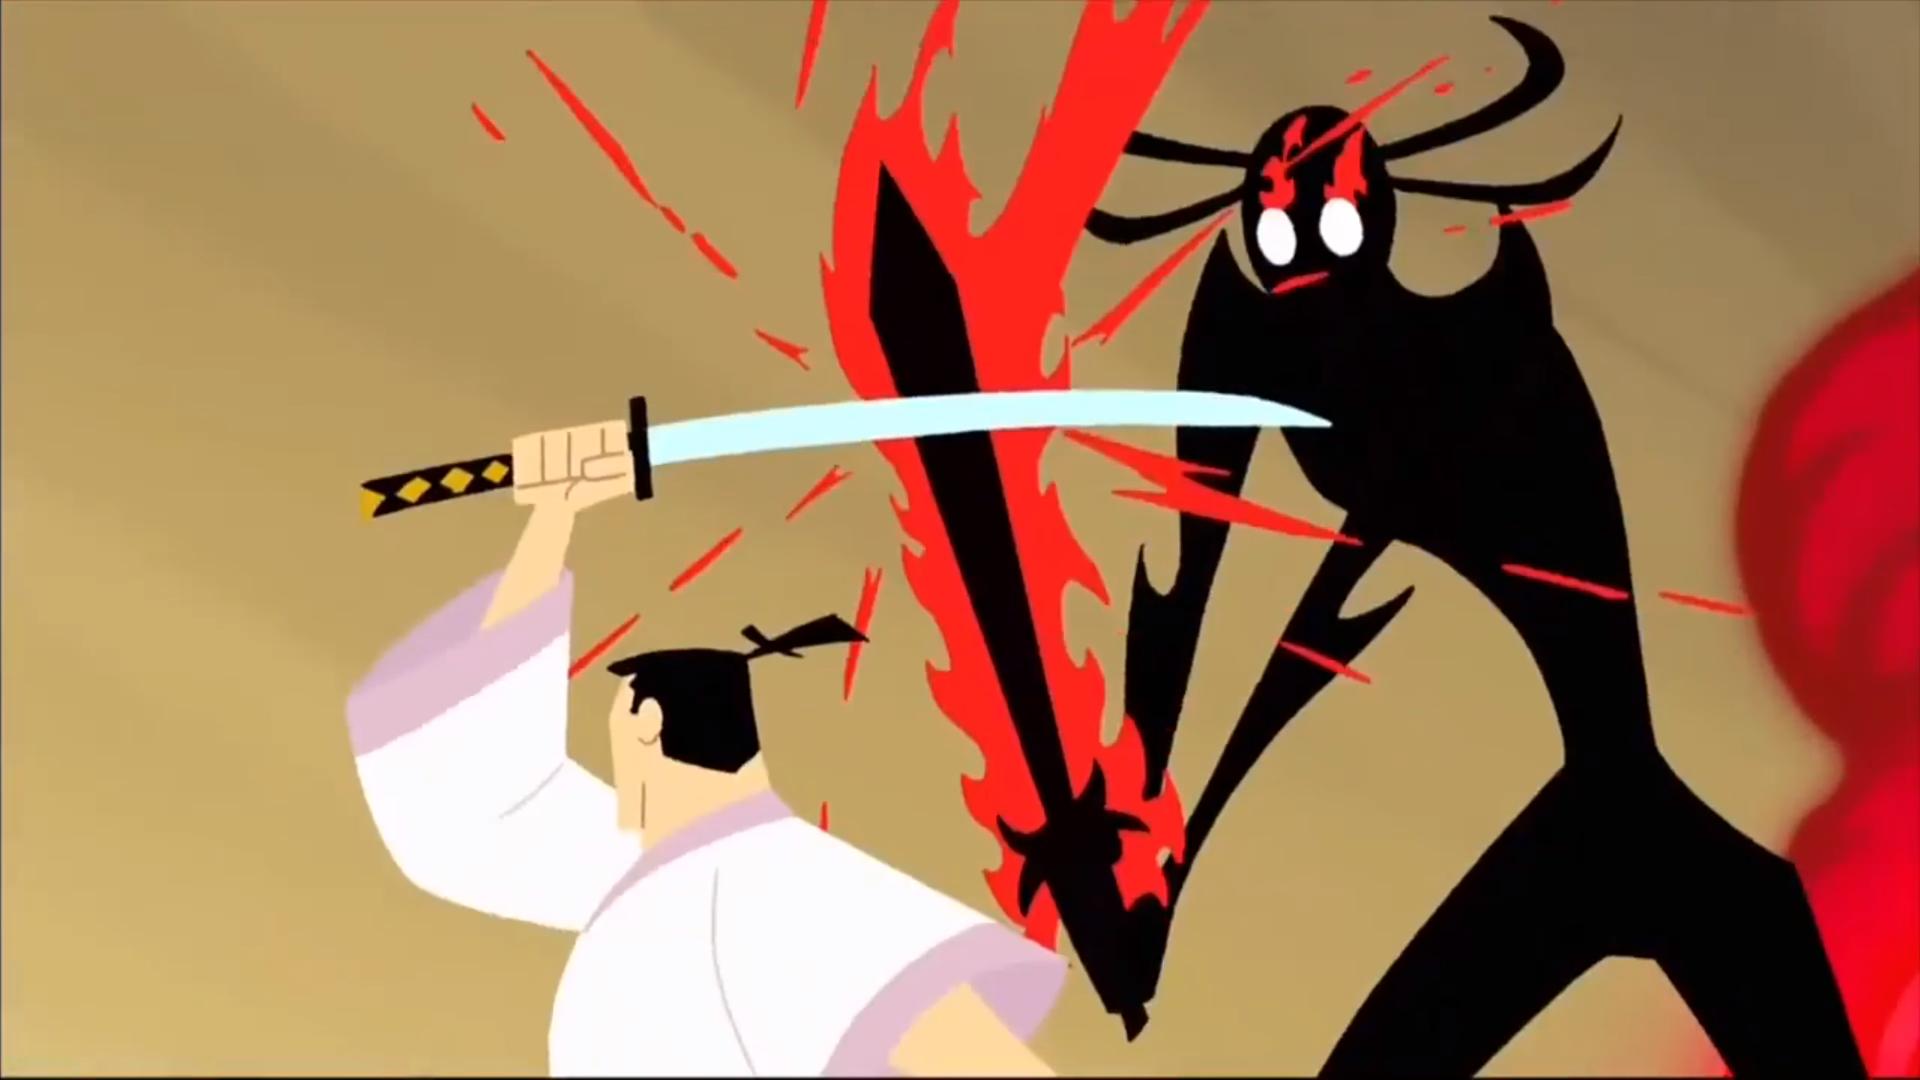 episode c samurai jack wiki fandom powered by wikia